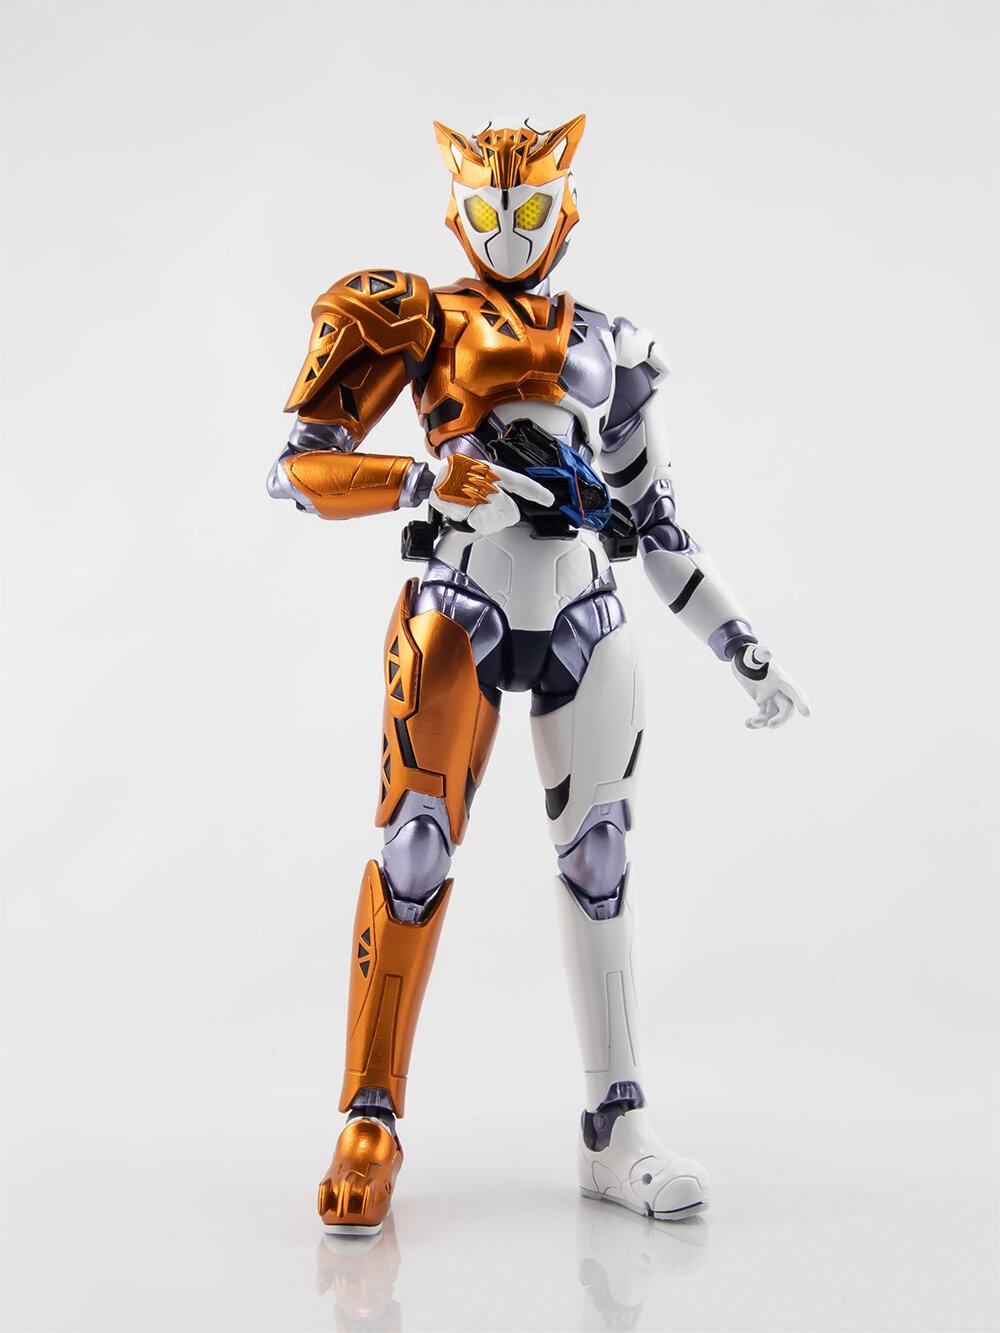 仮面 ライダー バルキリー スーツ アクター 仮面ライダーバルキリーのスーツアクターは誰?顔写真も!